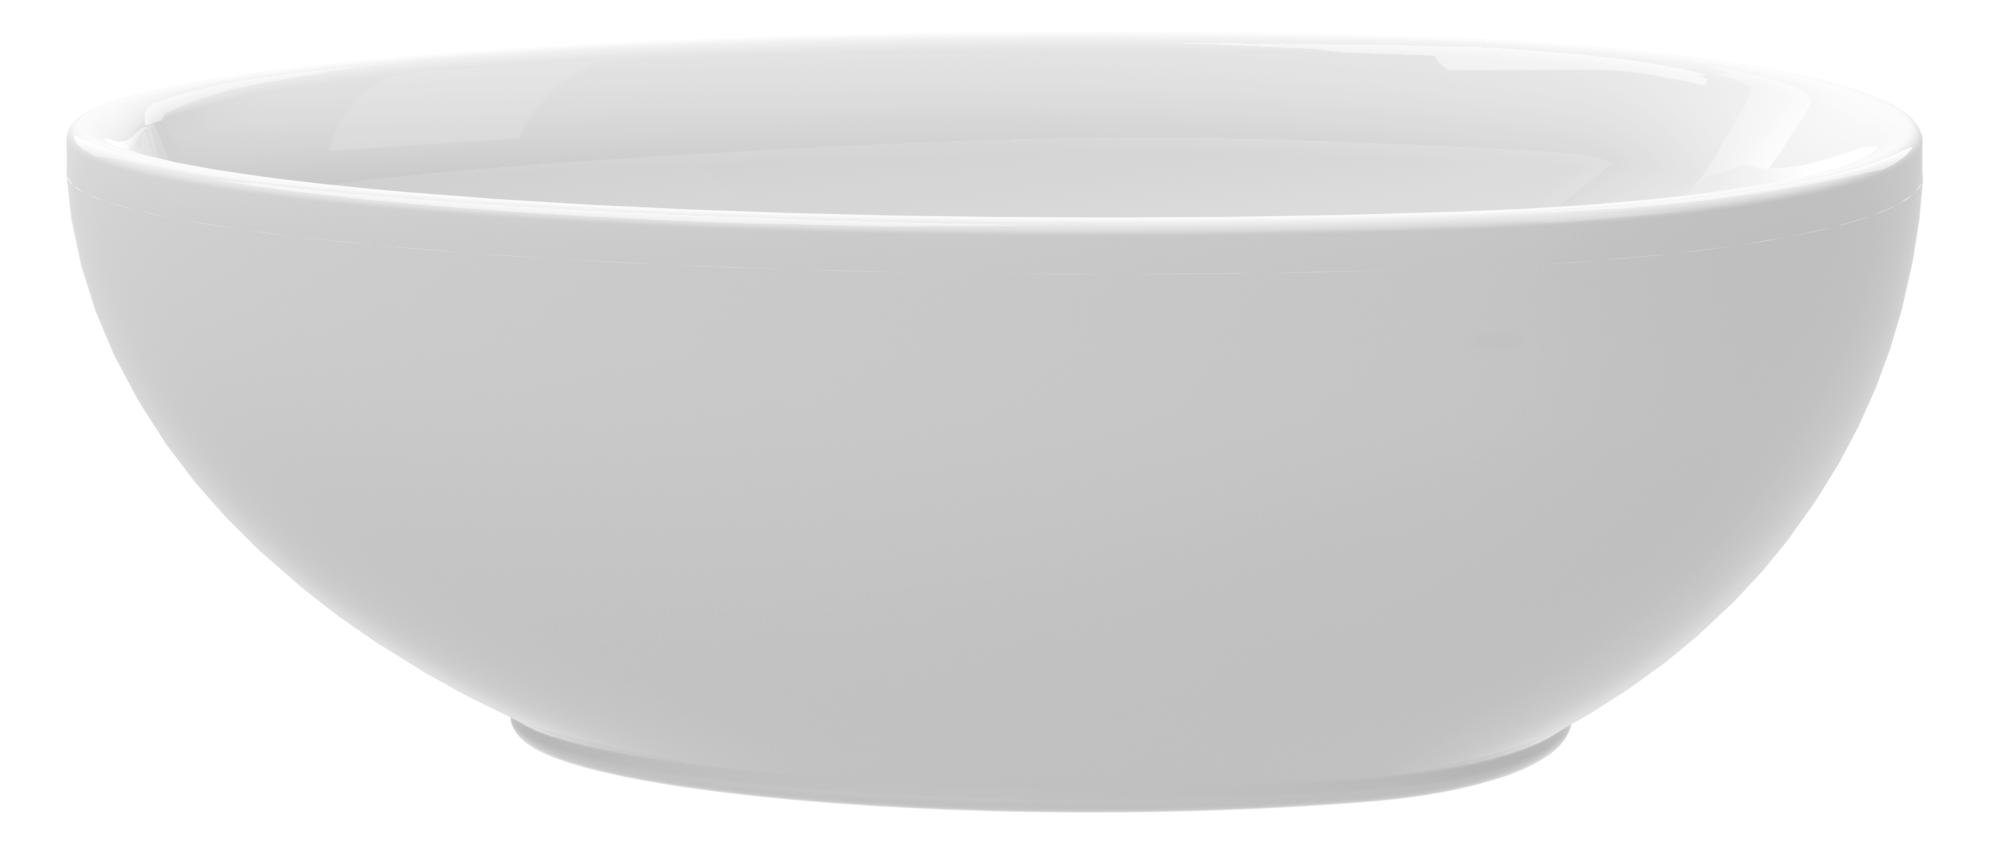 Kupaonske kade - Lounge - Aquaestil